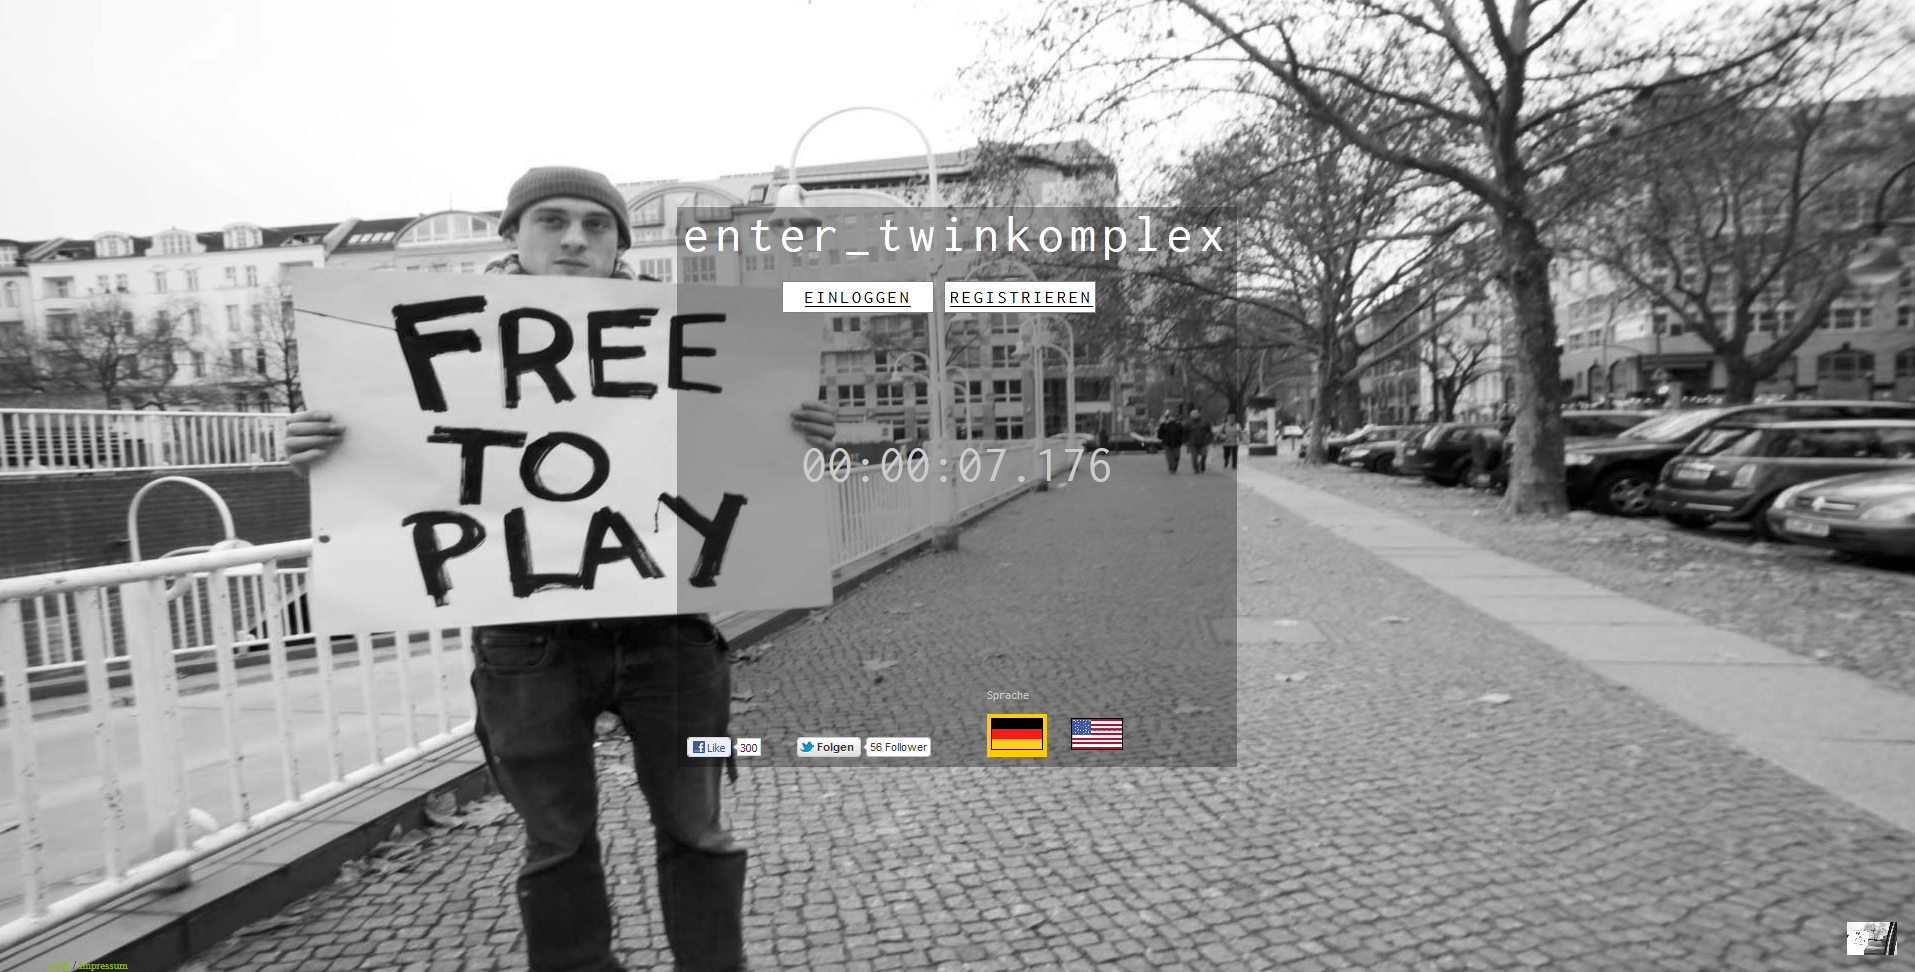 01-Twinkomplex-das-reale-onlinespiel-in-und-aus-berlin-einloggen-470.png?nocache=1326974324854